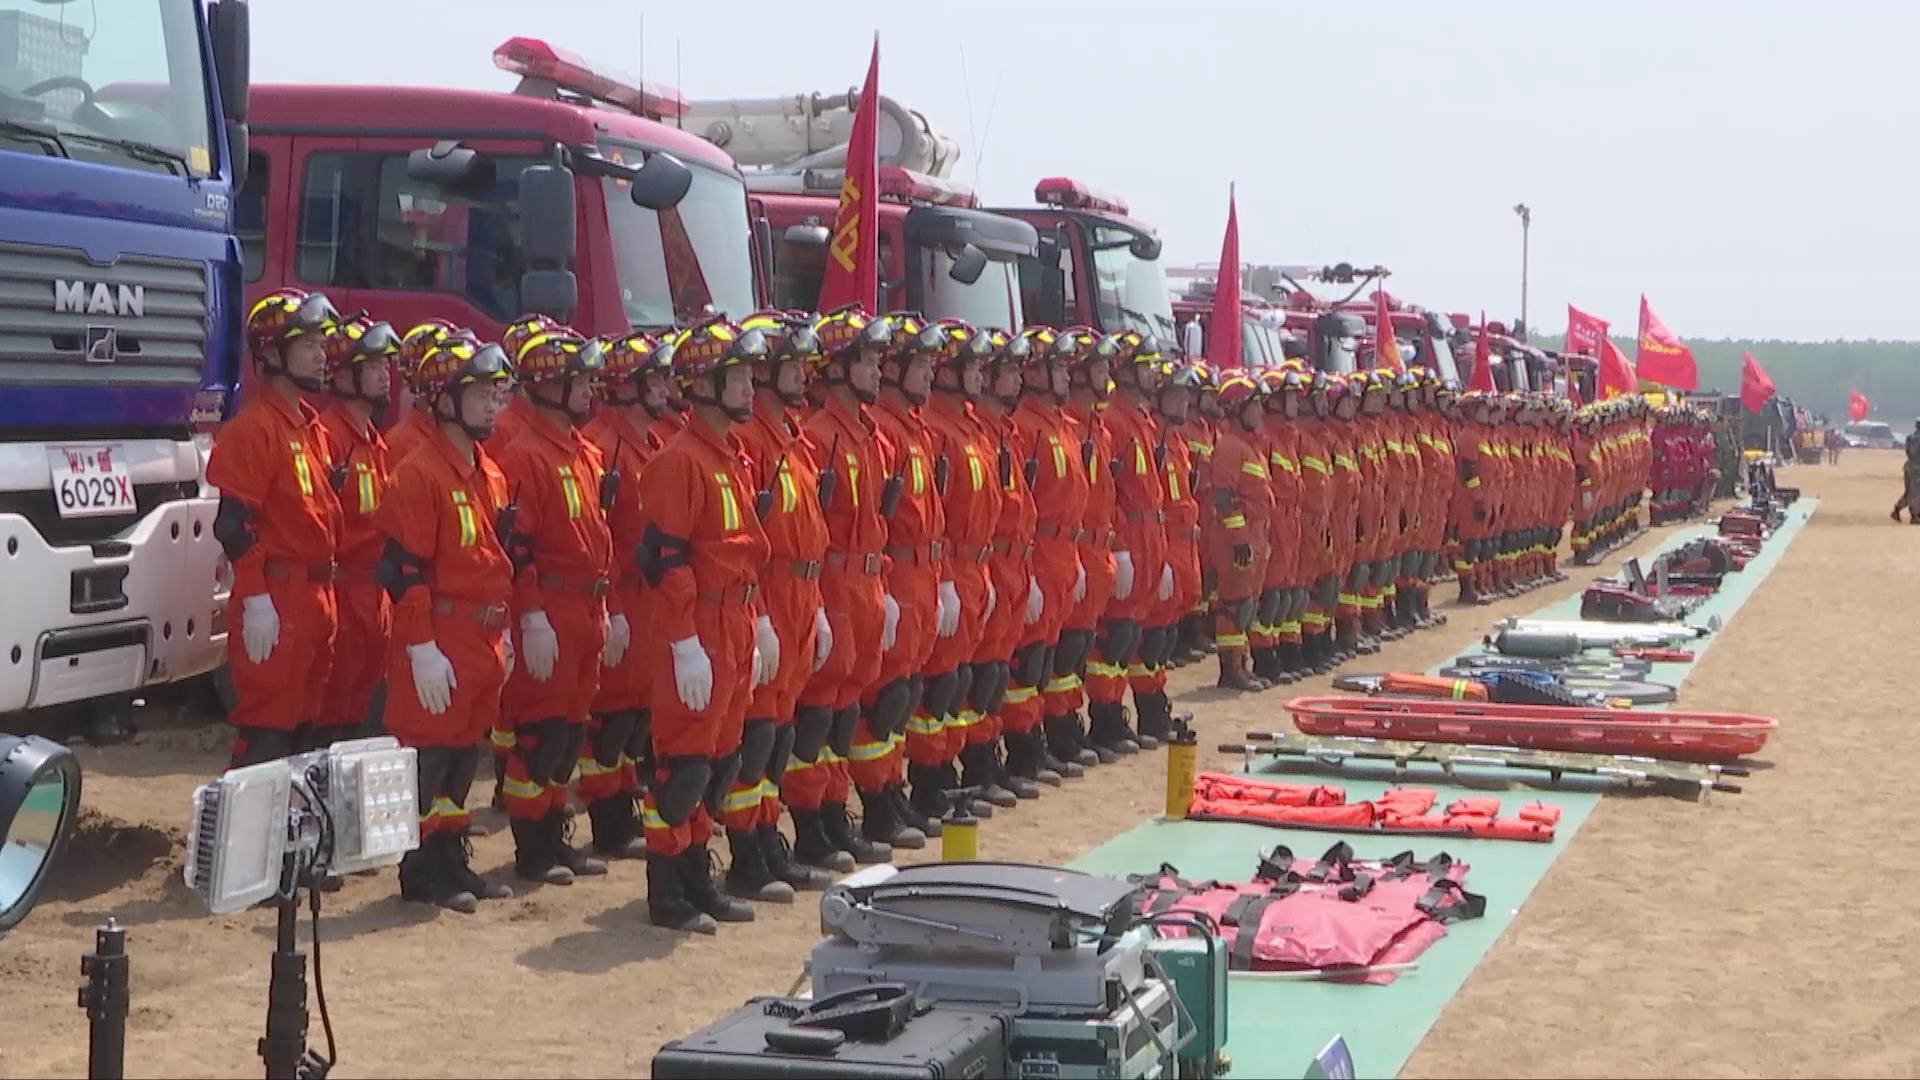 山东省公安消防总队参加全国中部地区跨区域地震救援实战拉动演练誓师大会在济南举行